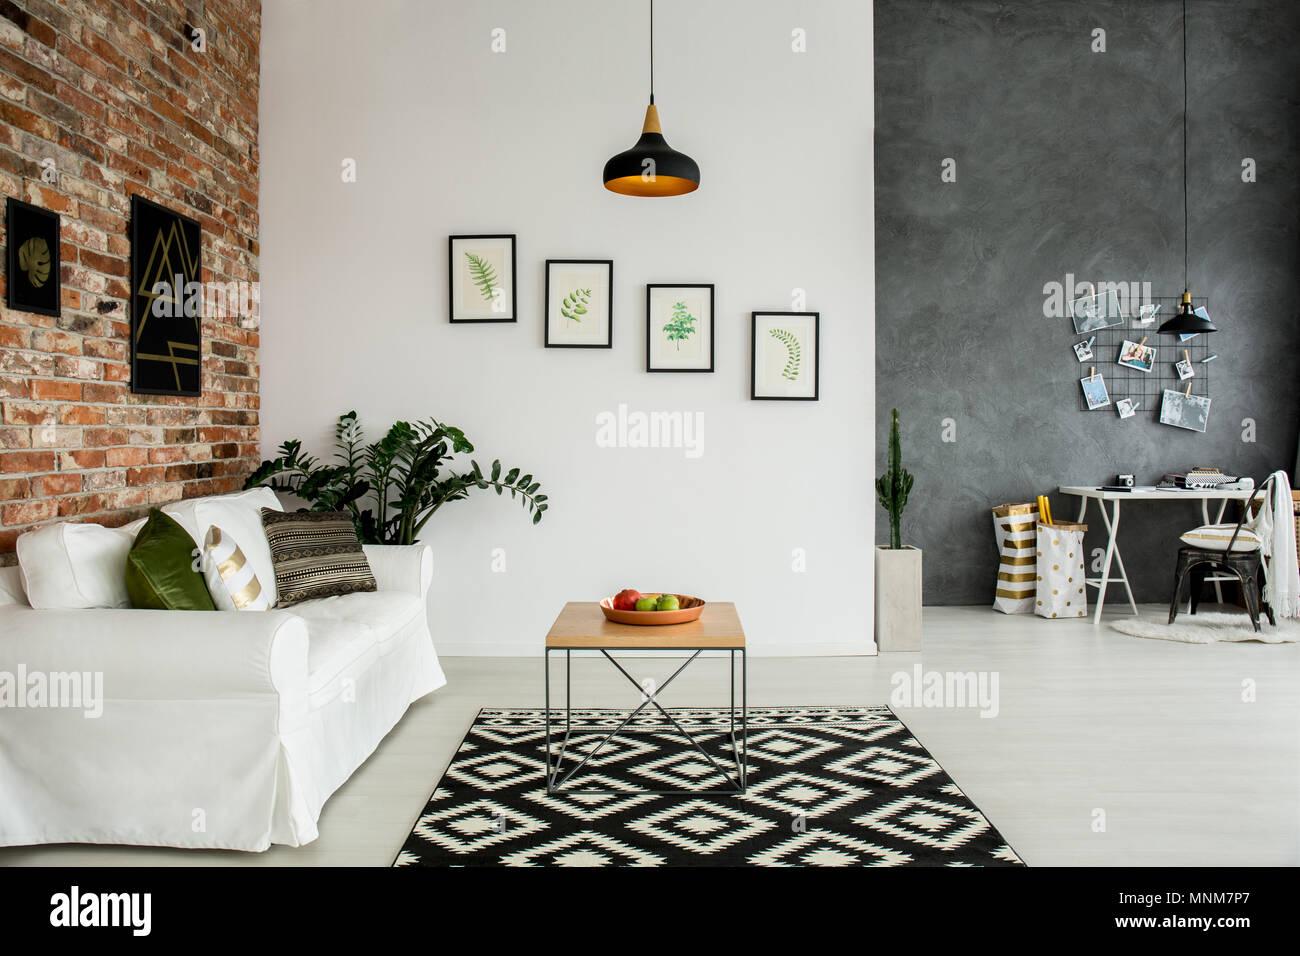 Intérieur Loft avec séjour ouvert et simple home office Photo Stock